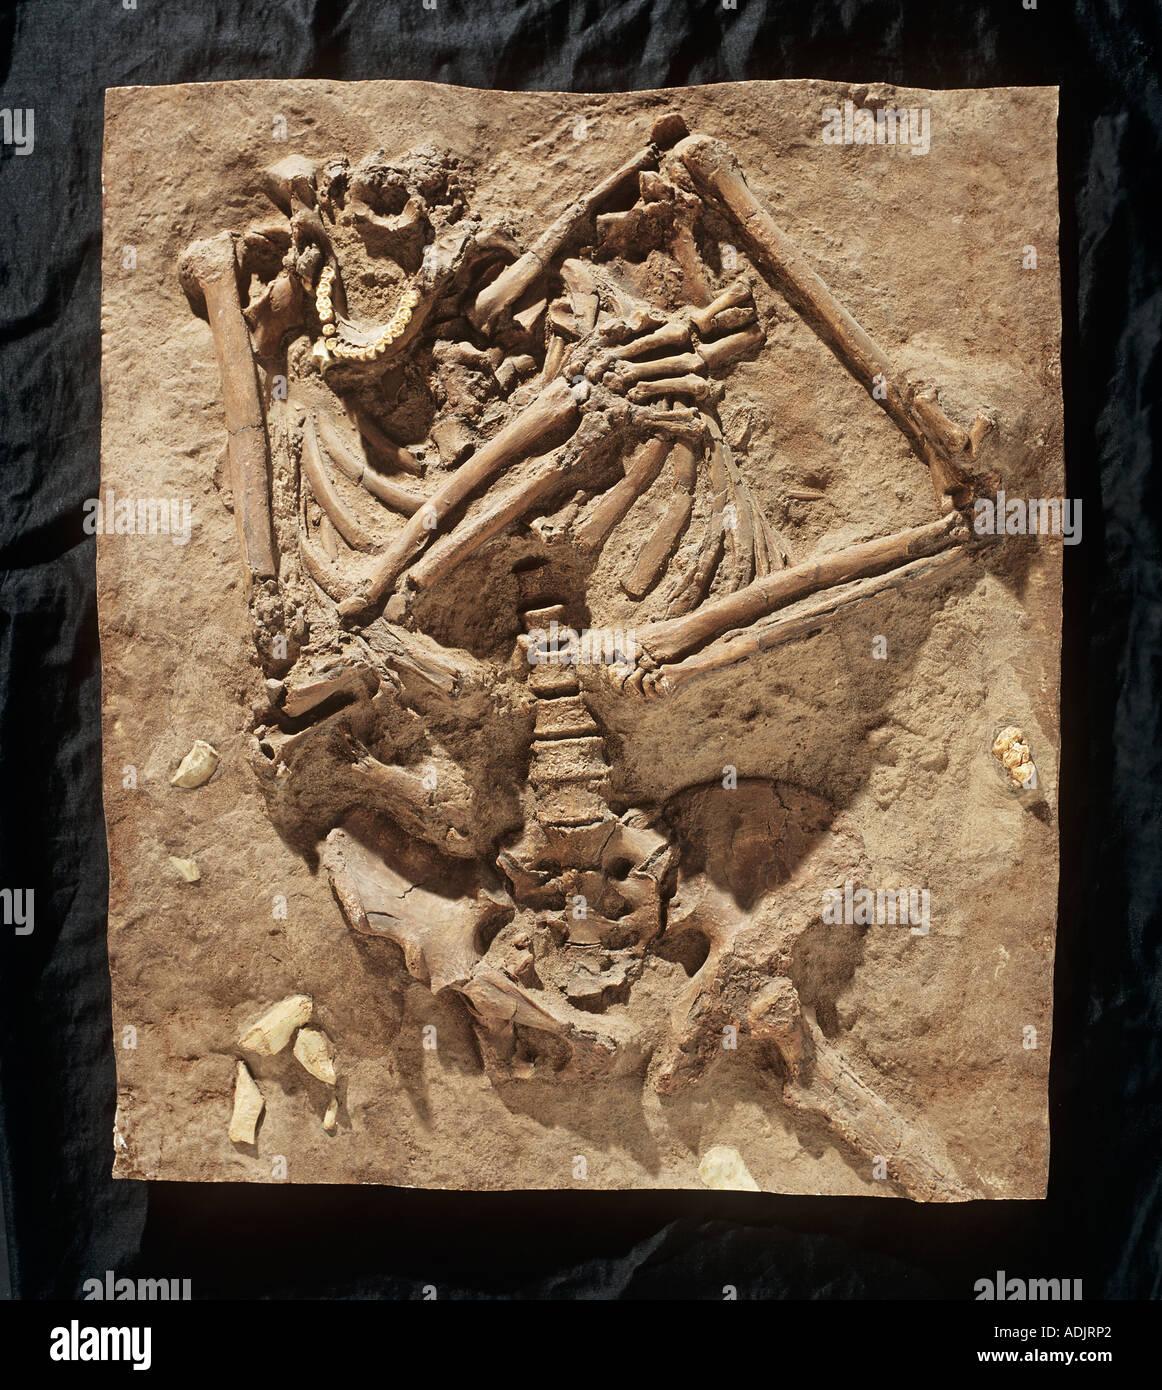 Homo neanderthalensis Kebarah burial site - Stock Image